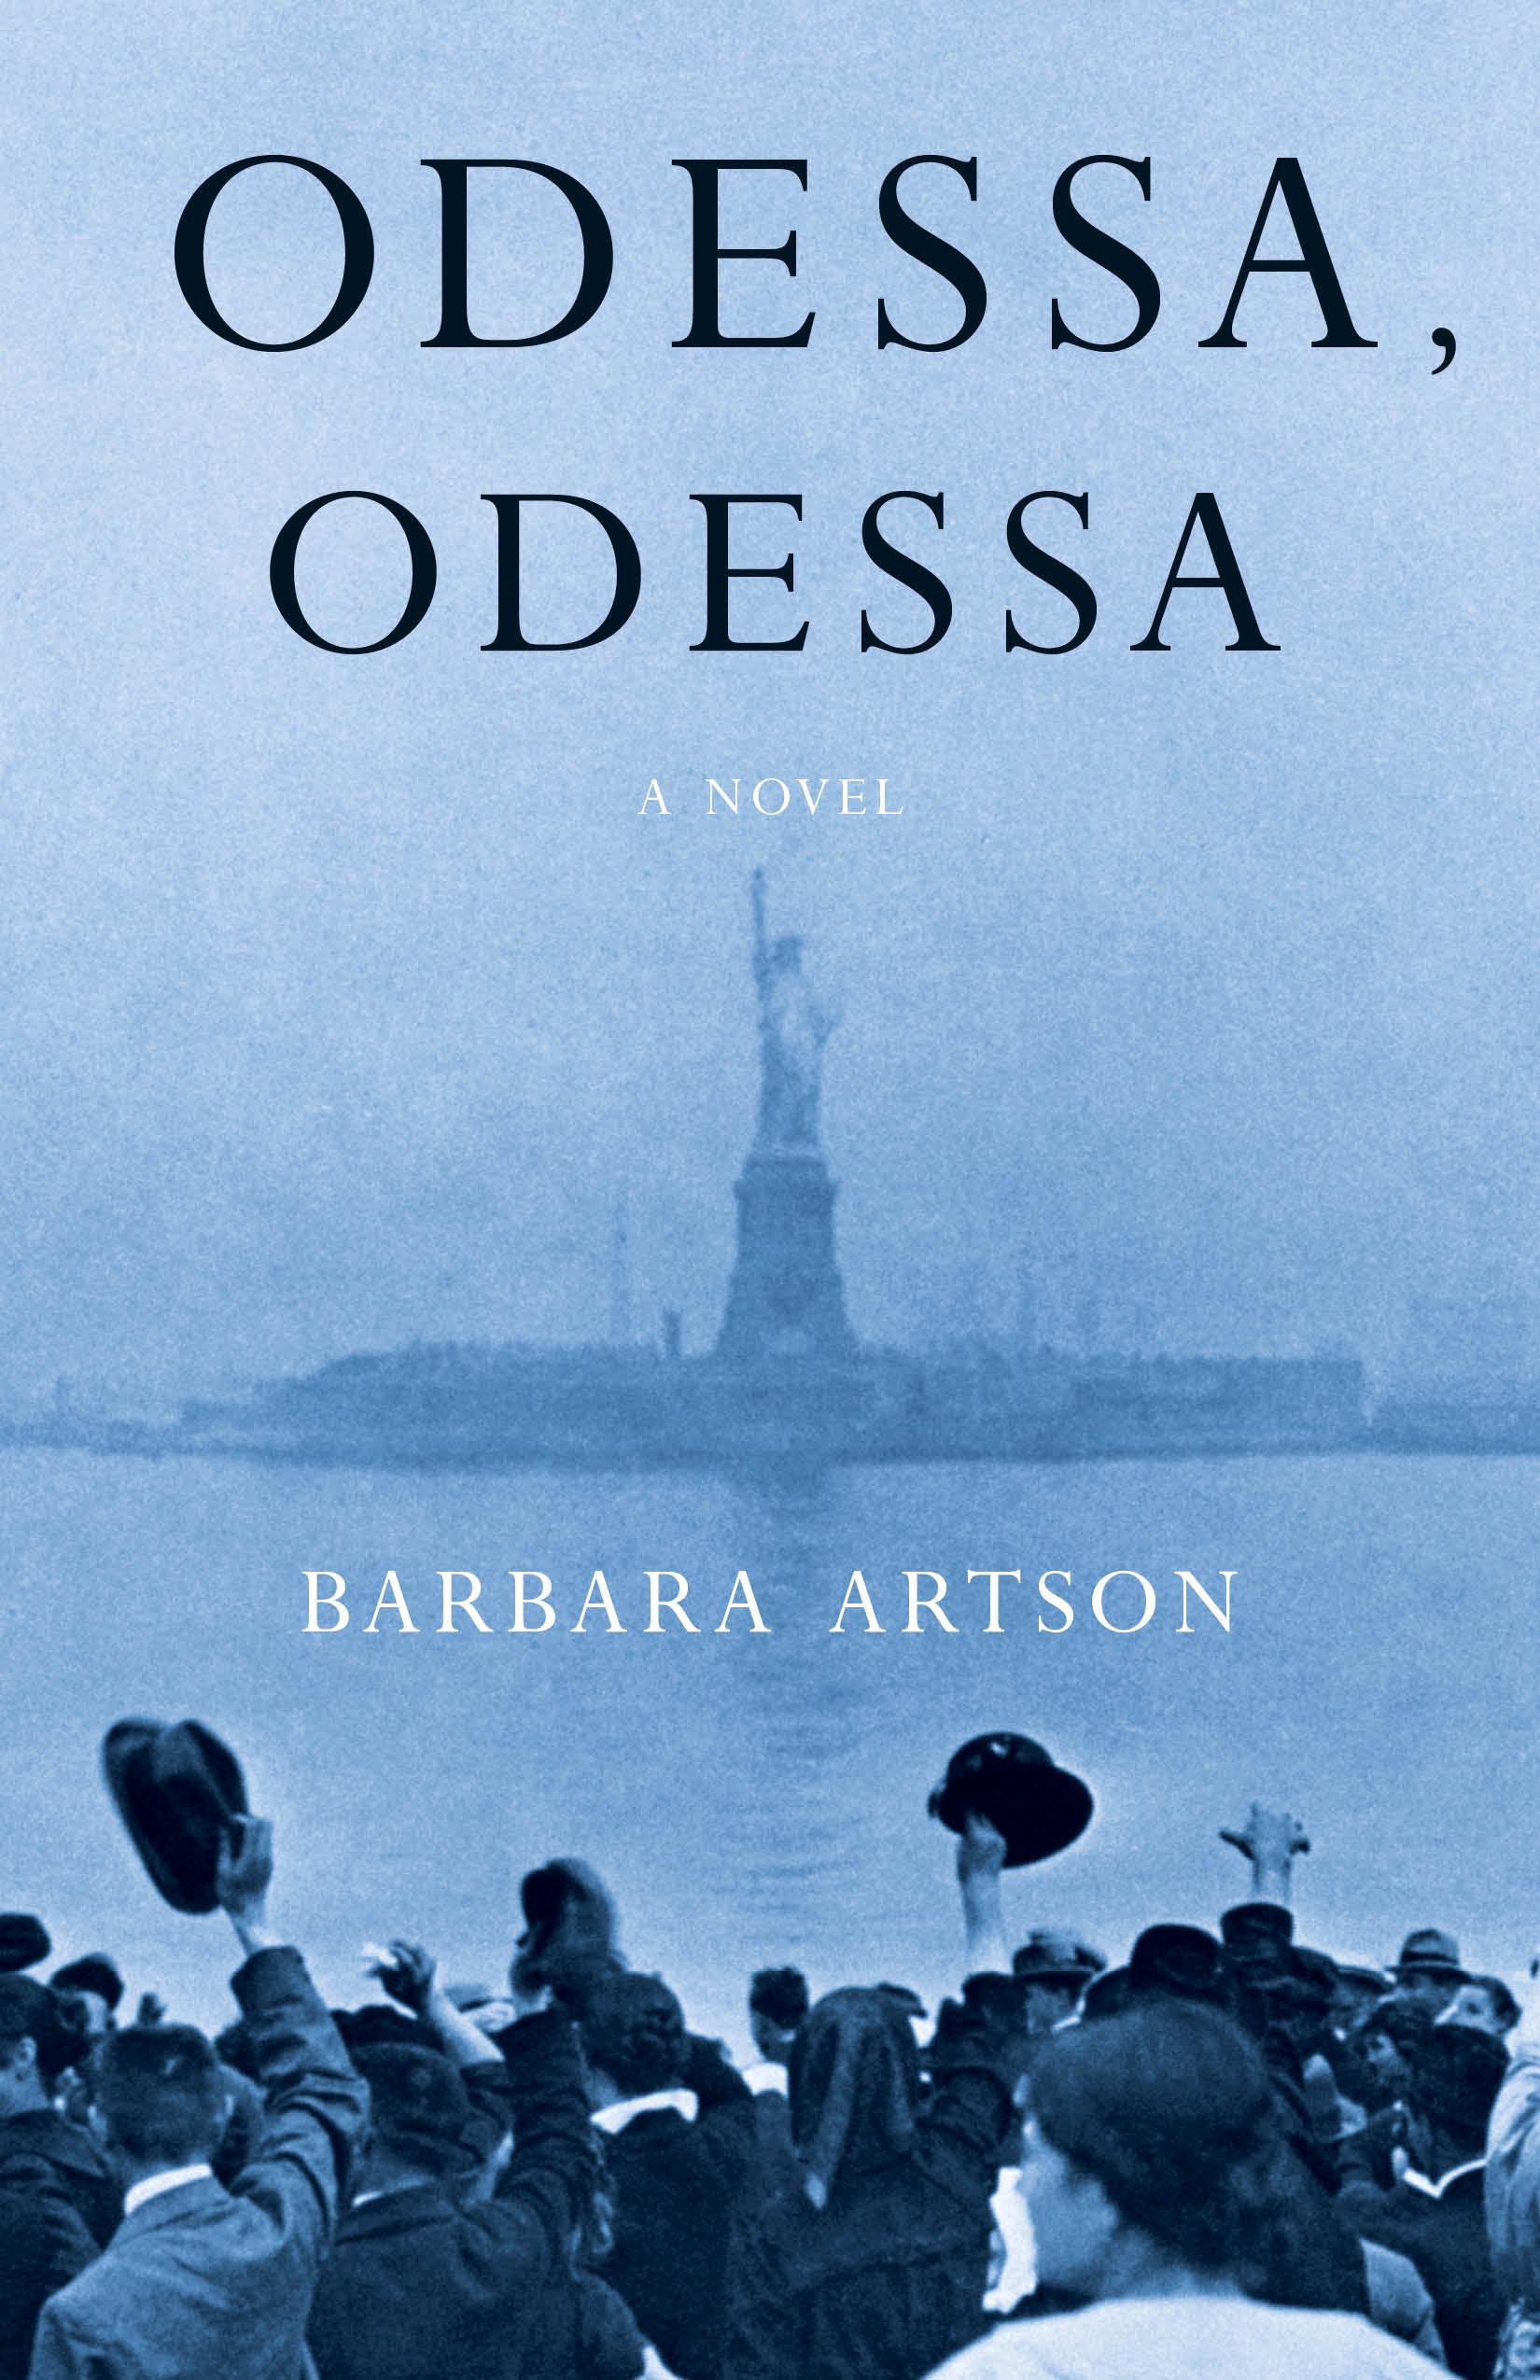 Book Cover Odessa, Odessa a Novel